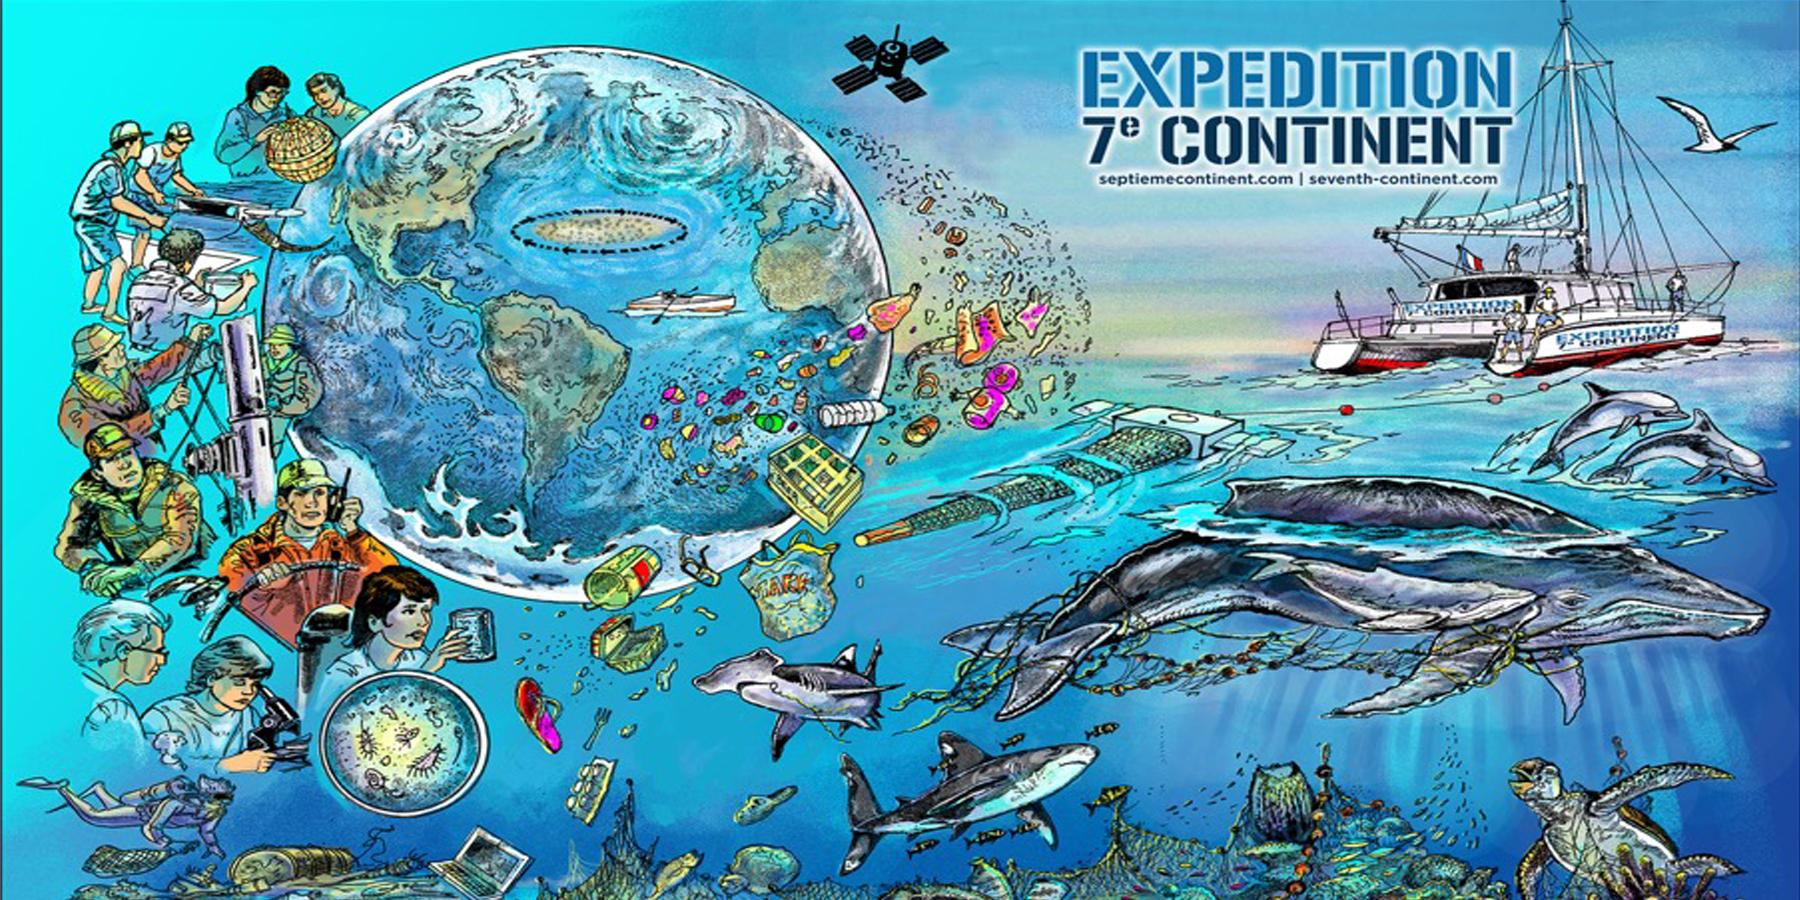 Dominique Serafini1 - Expédition 7e Continent : comprendre et explorer pour mieux sensibiliser